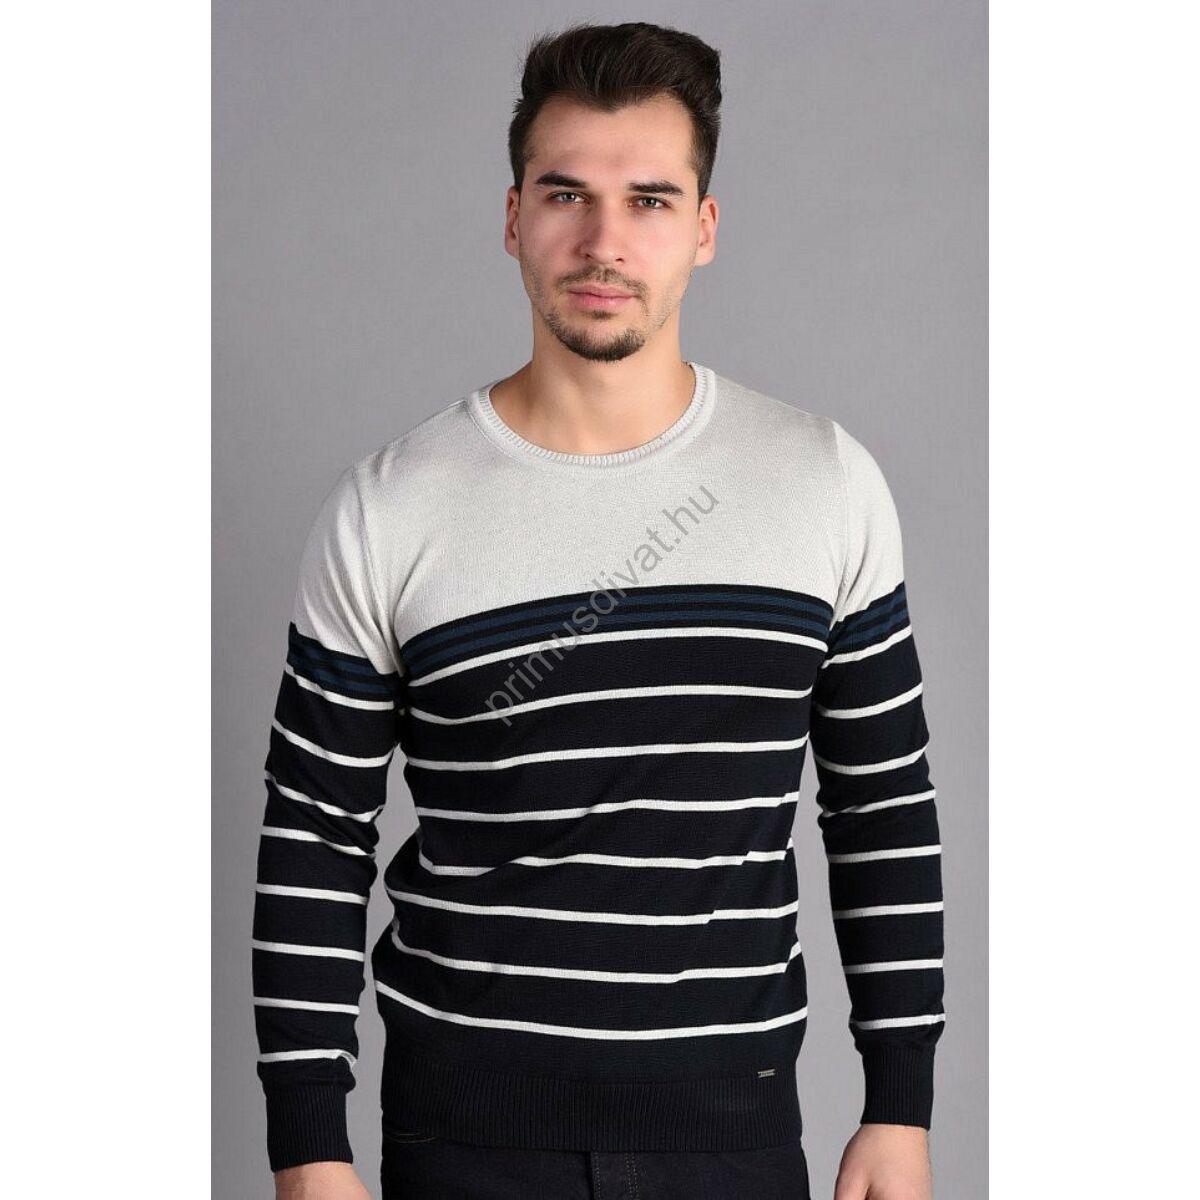 6d360b48b7 Kép 1/2 - Balance környakas világosszürke betétes csíkos sötétkék vékony  kötött pamut pulóver